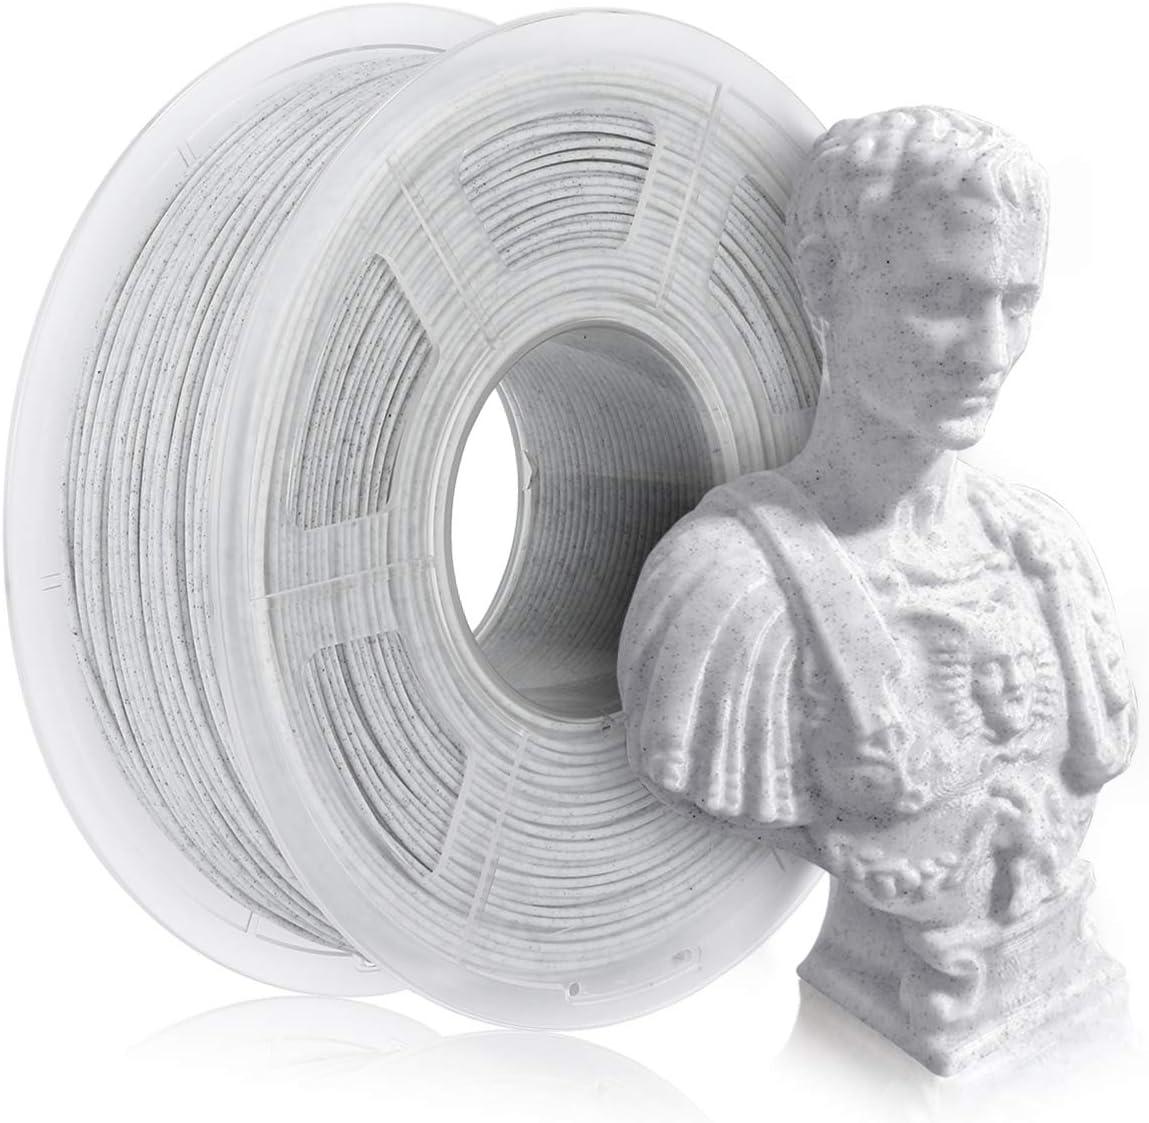 Filament de marbre PLA 1.75mm, filament d'imprimante 3D PLA 1KG, filament coloré par marbre